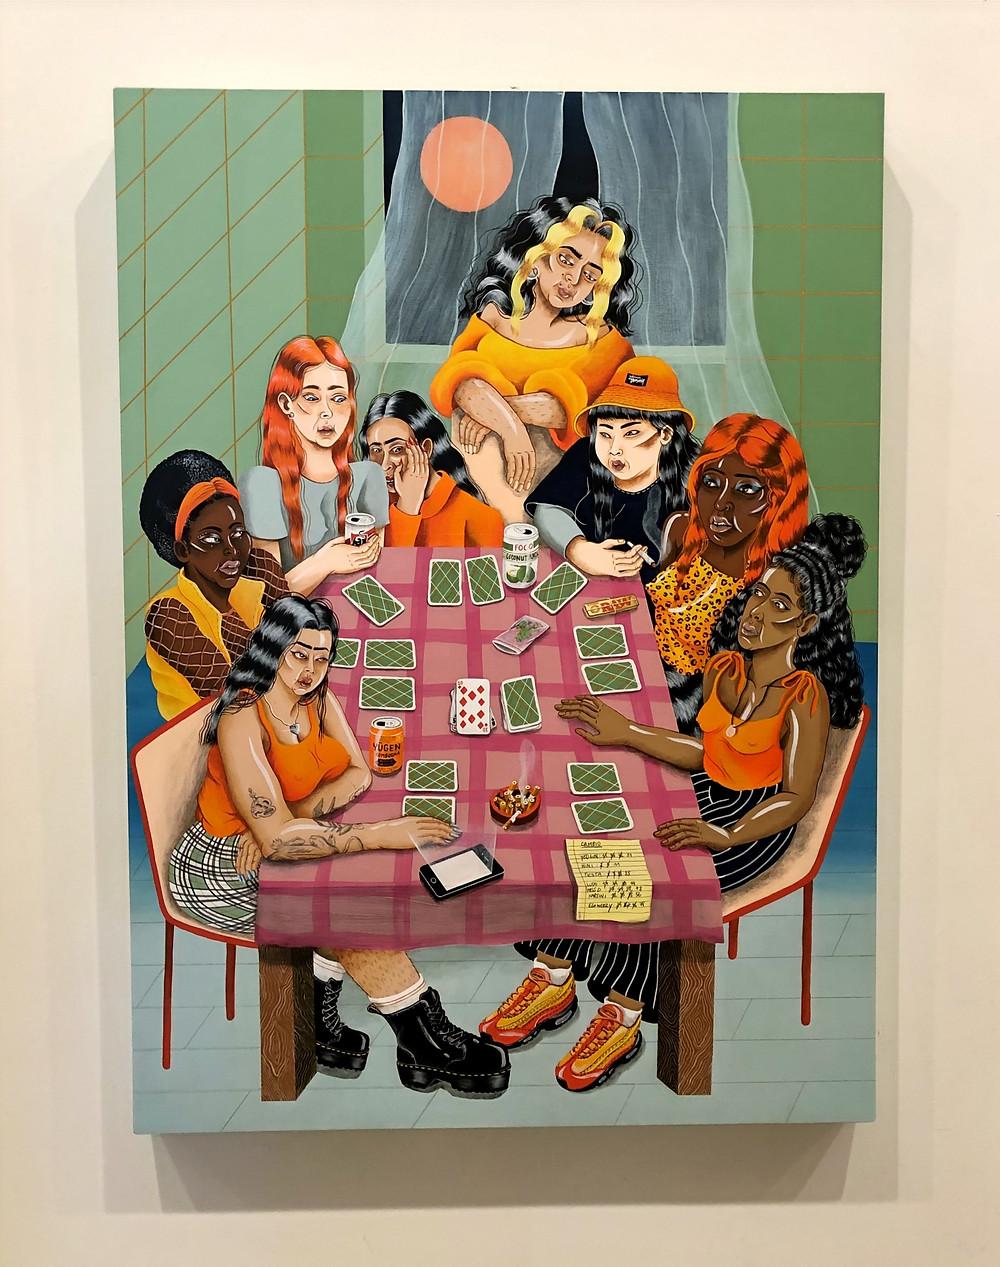 Joëlle Dubois NAFT Kunstfestival 2021 Sint-Niklaas